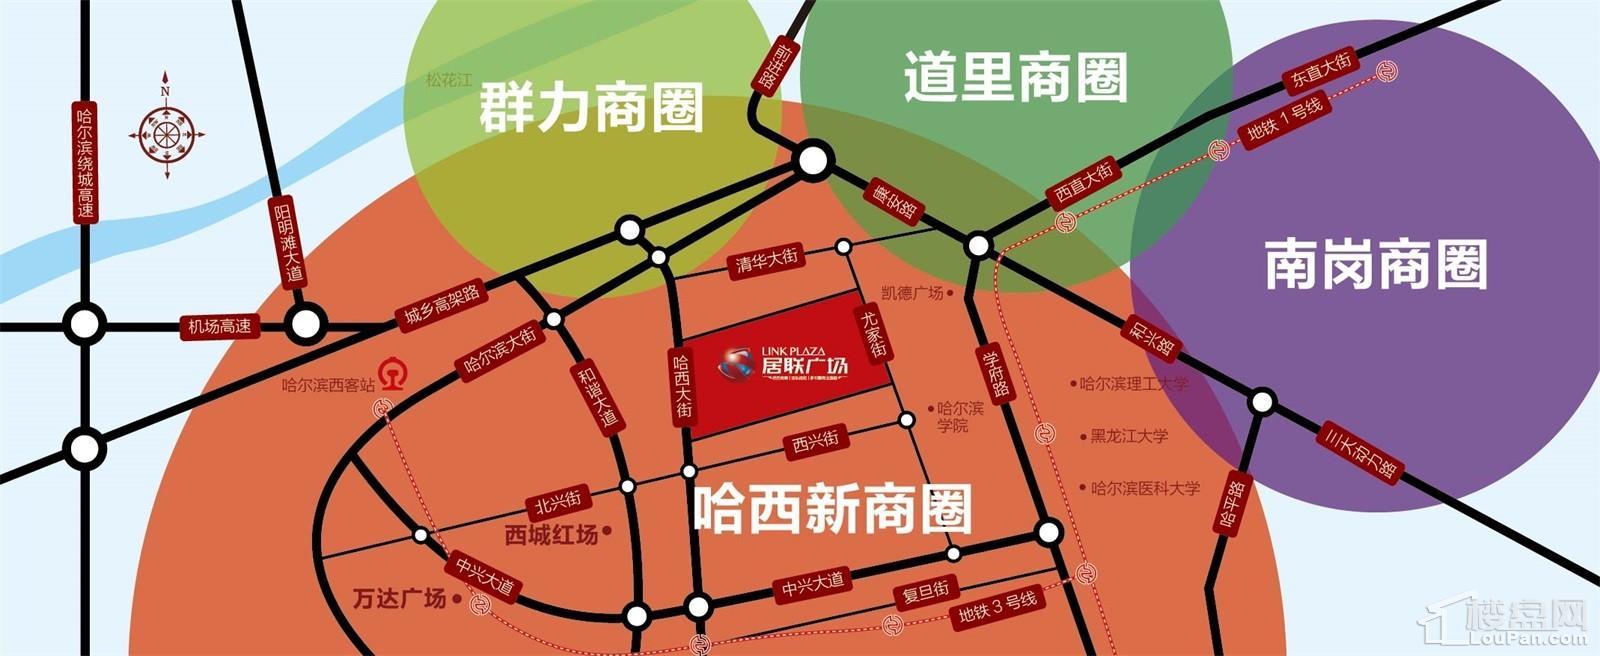 居联广场位置图